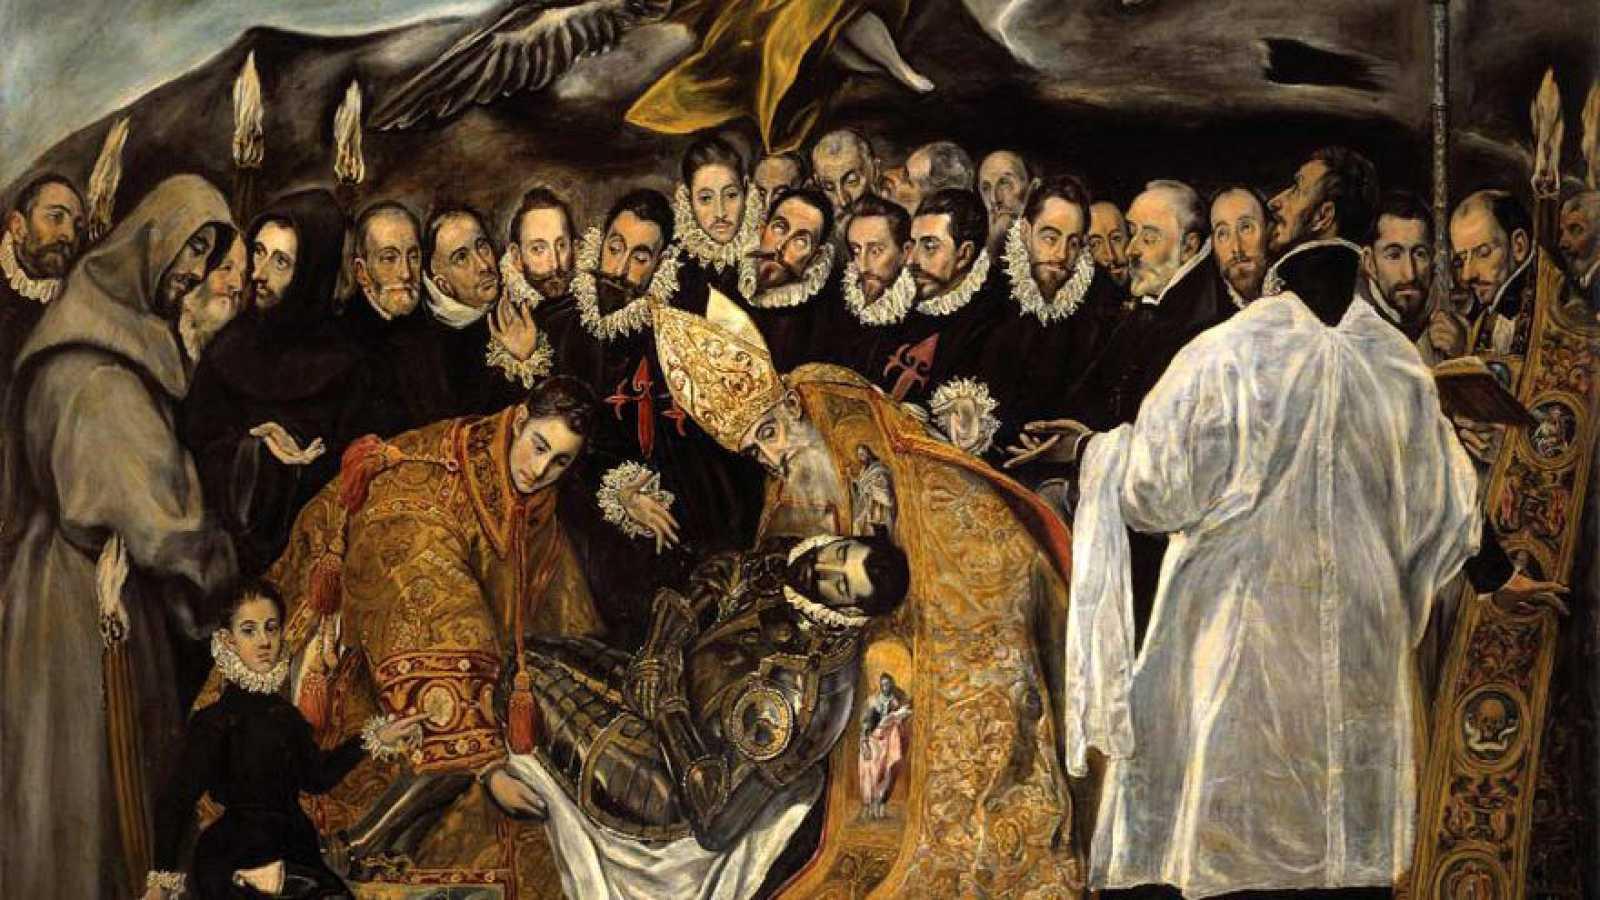 Punto de enlace - Día del Greco: museos de todo el mundo muestran su colección - escuchar ahora